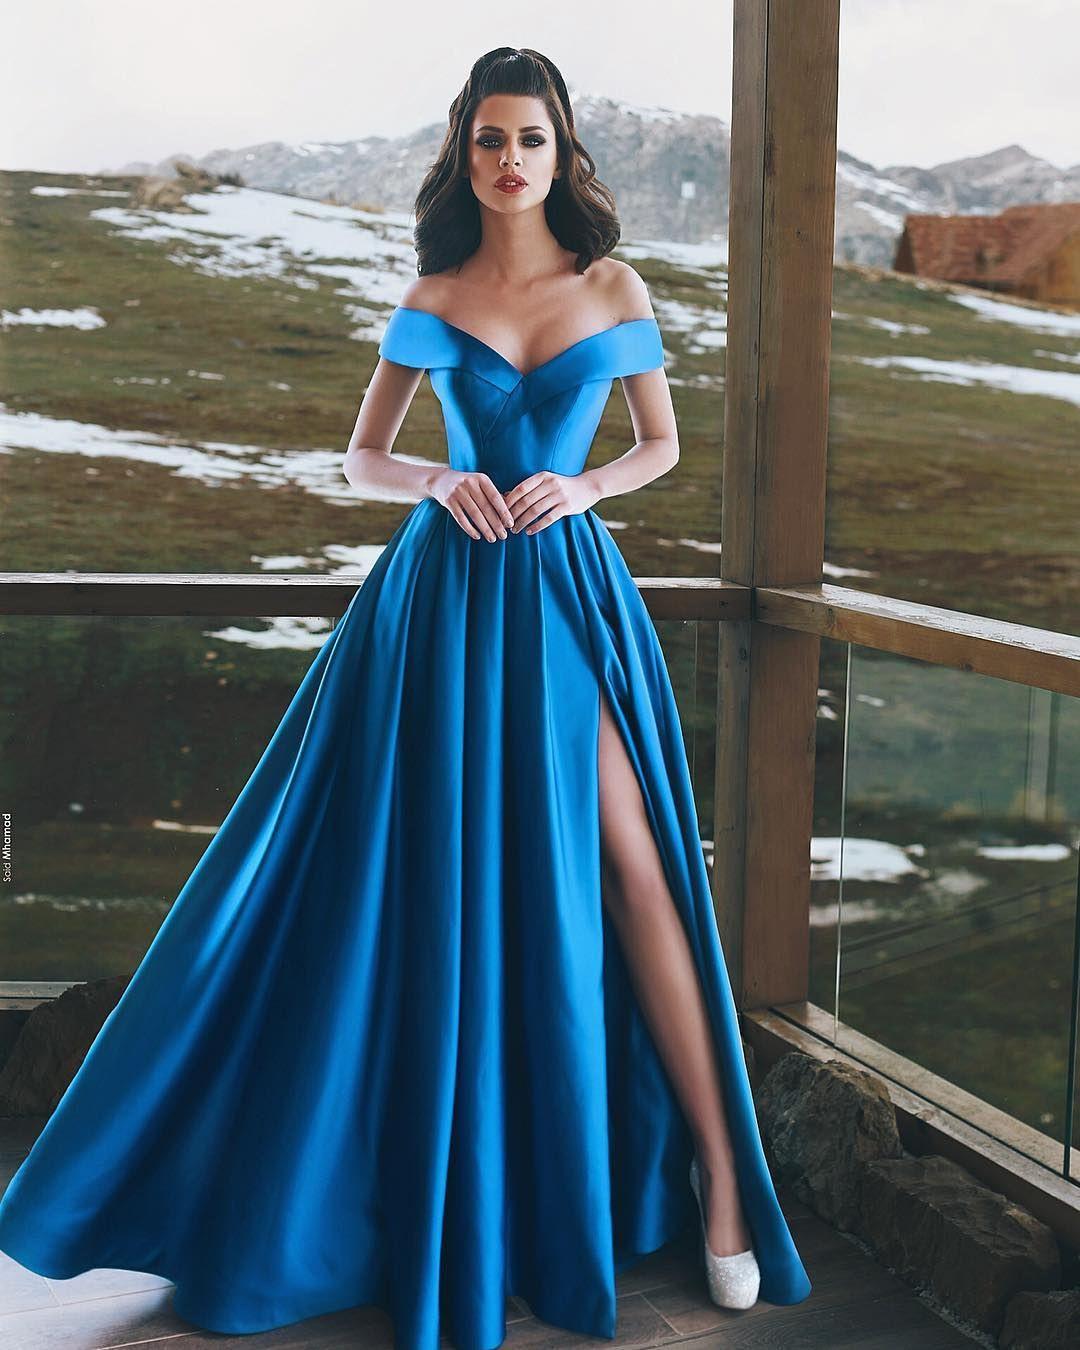 Fantastisch Abend Kleider Lang Blau SpezialgebietAbend Großartig Abend Kleider Lang Blau Bester Preis